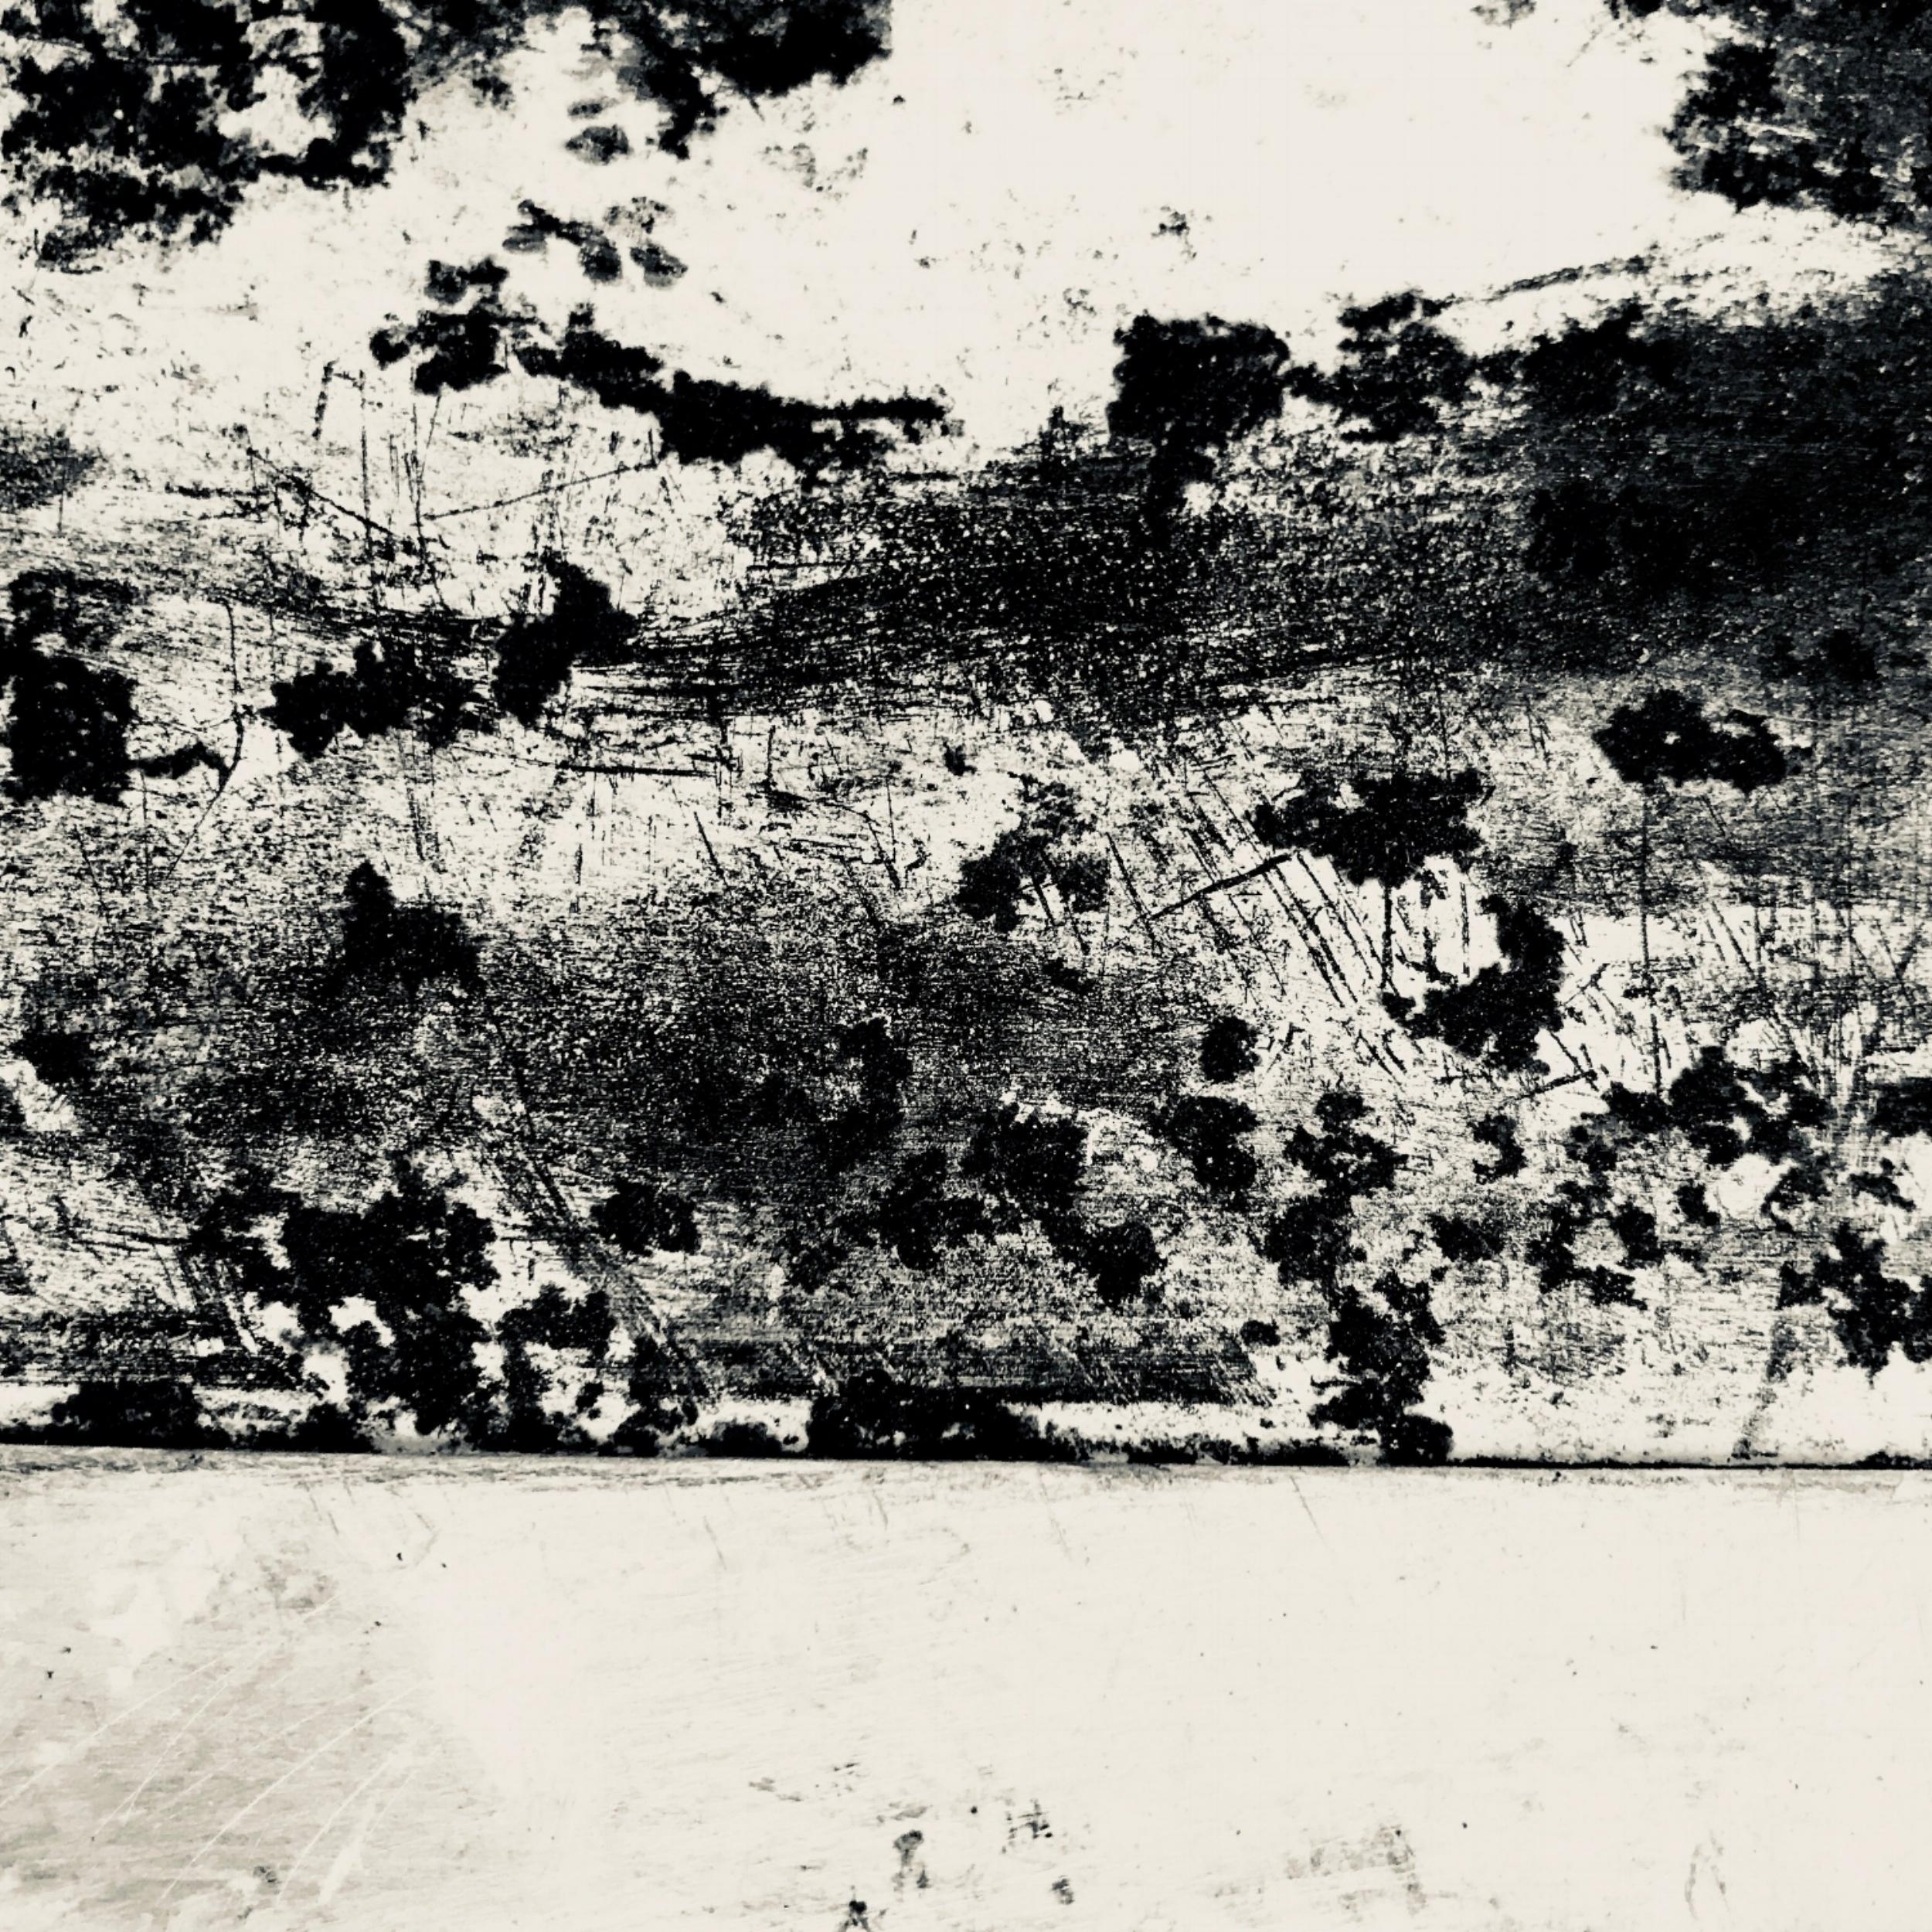 #15 b/w landscrape